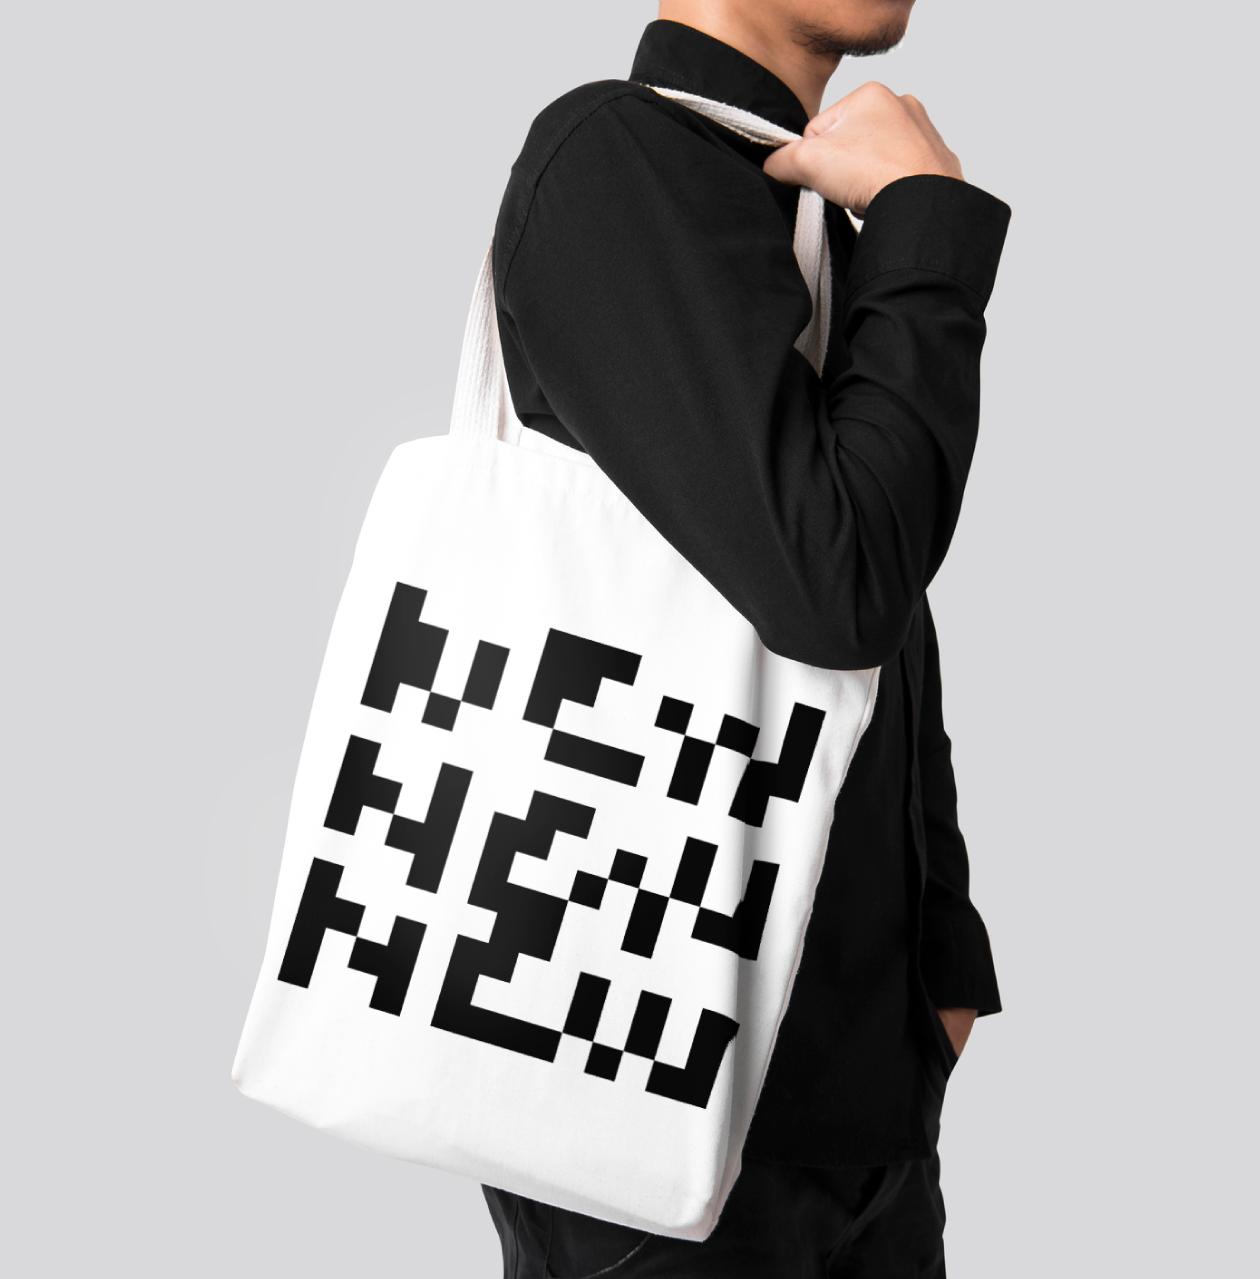 Netgen-Idna-Website_bag